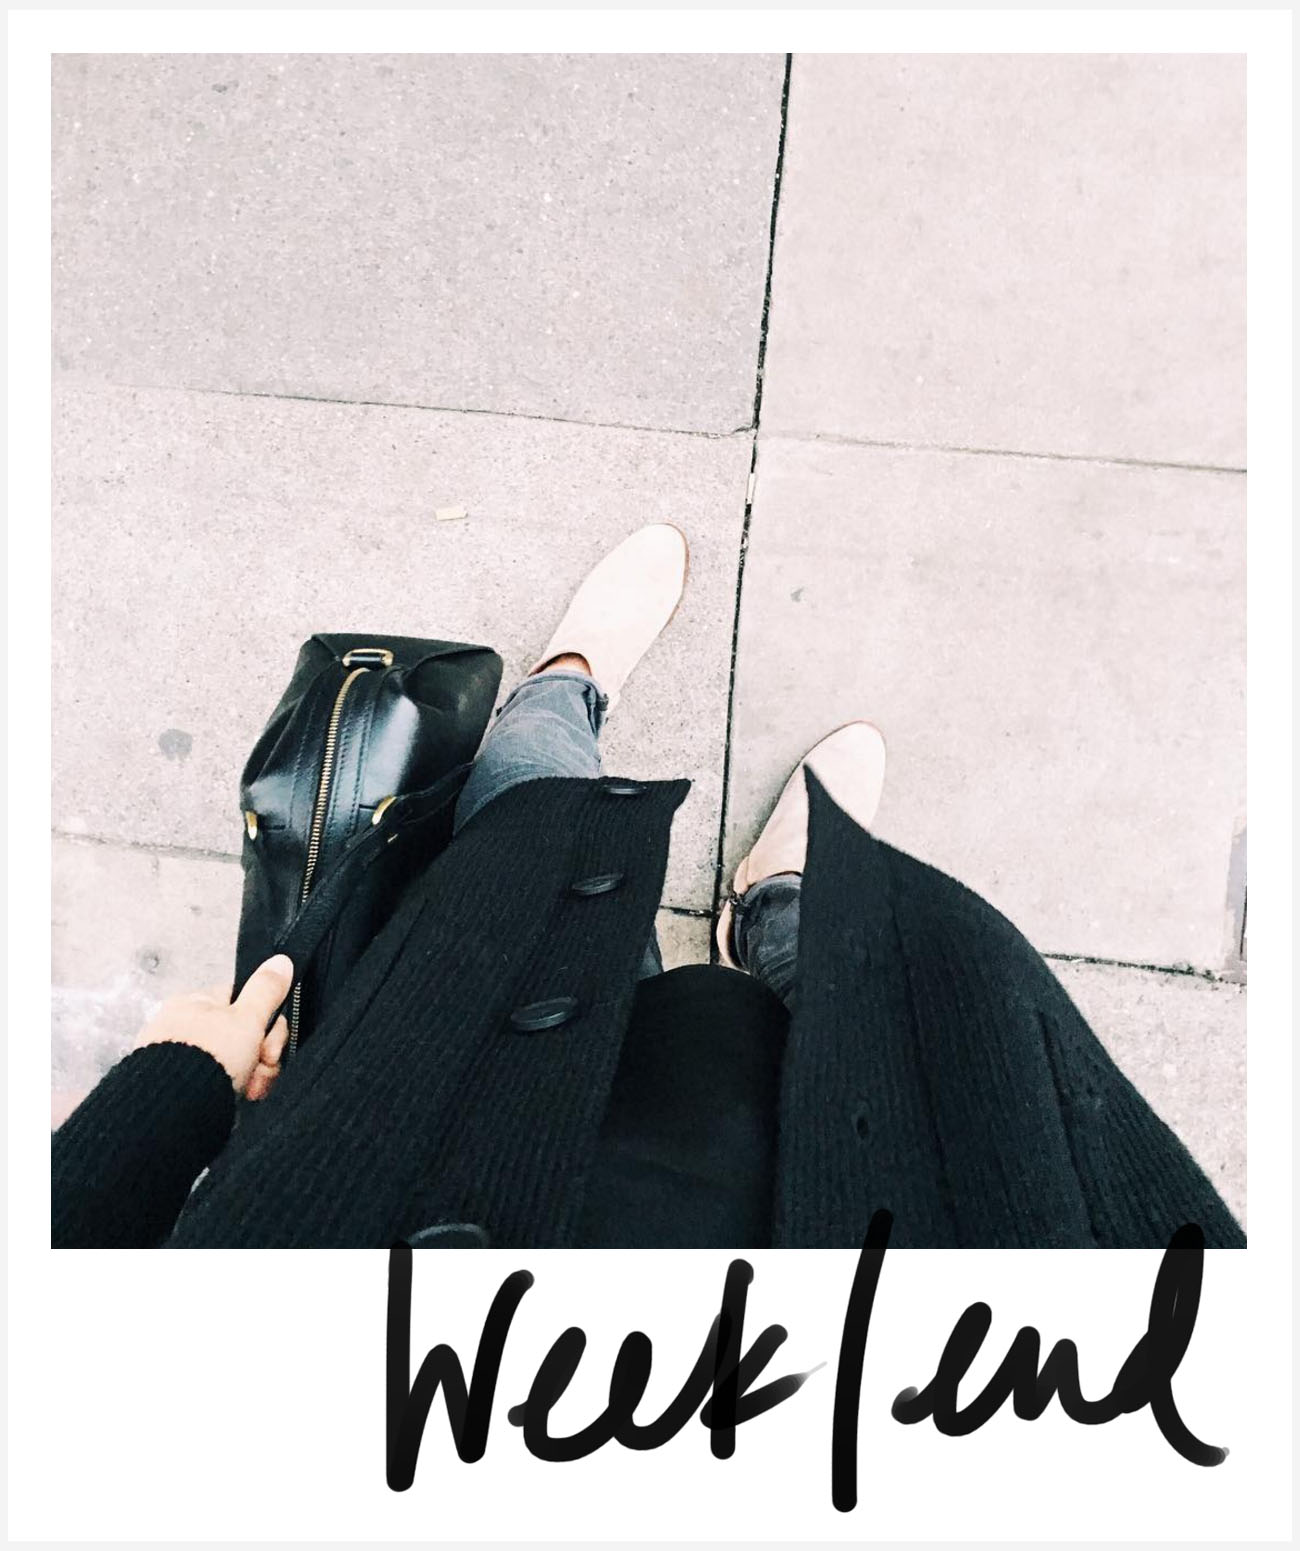 weekend - january